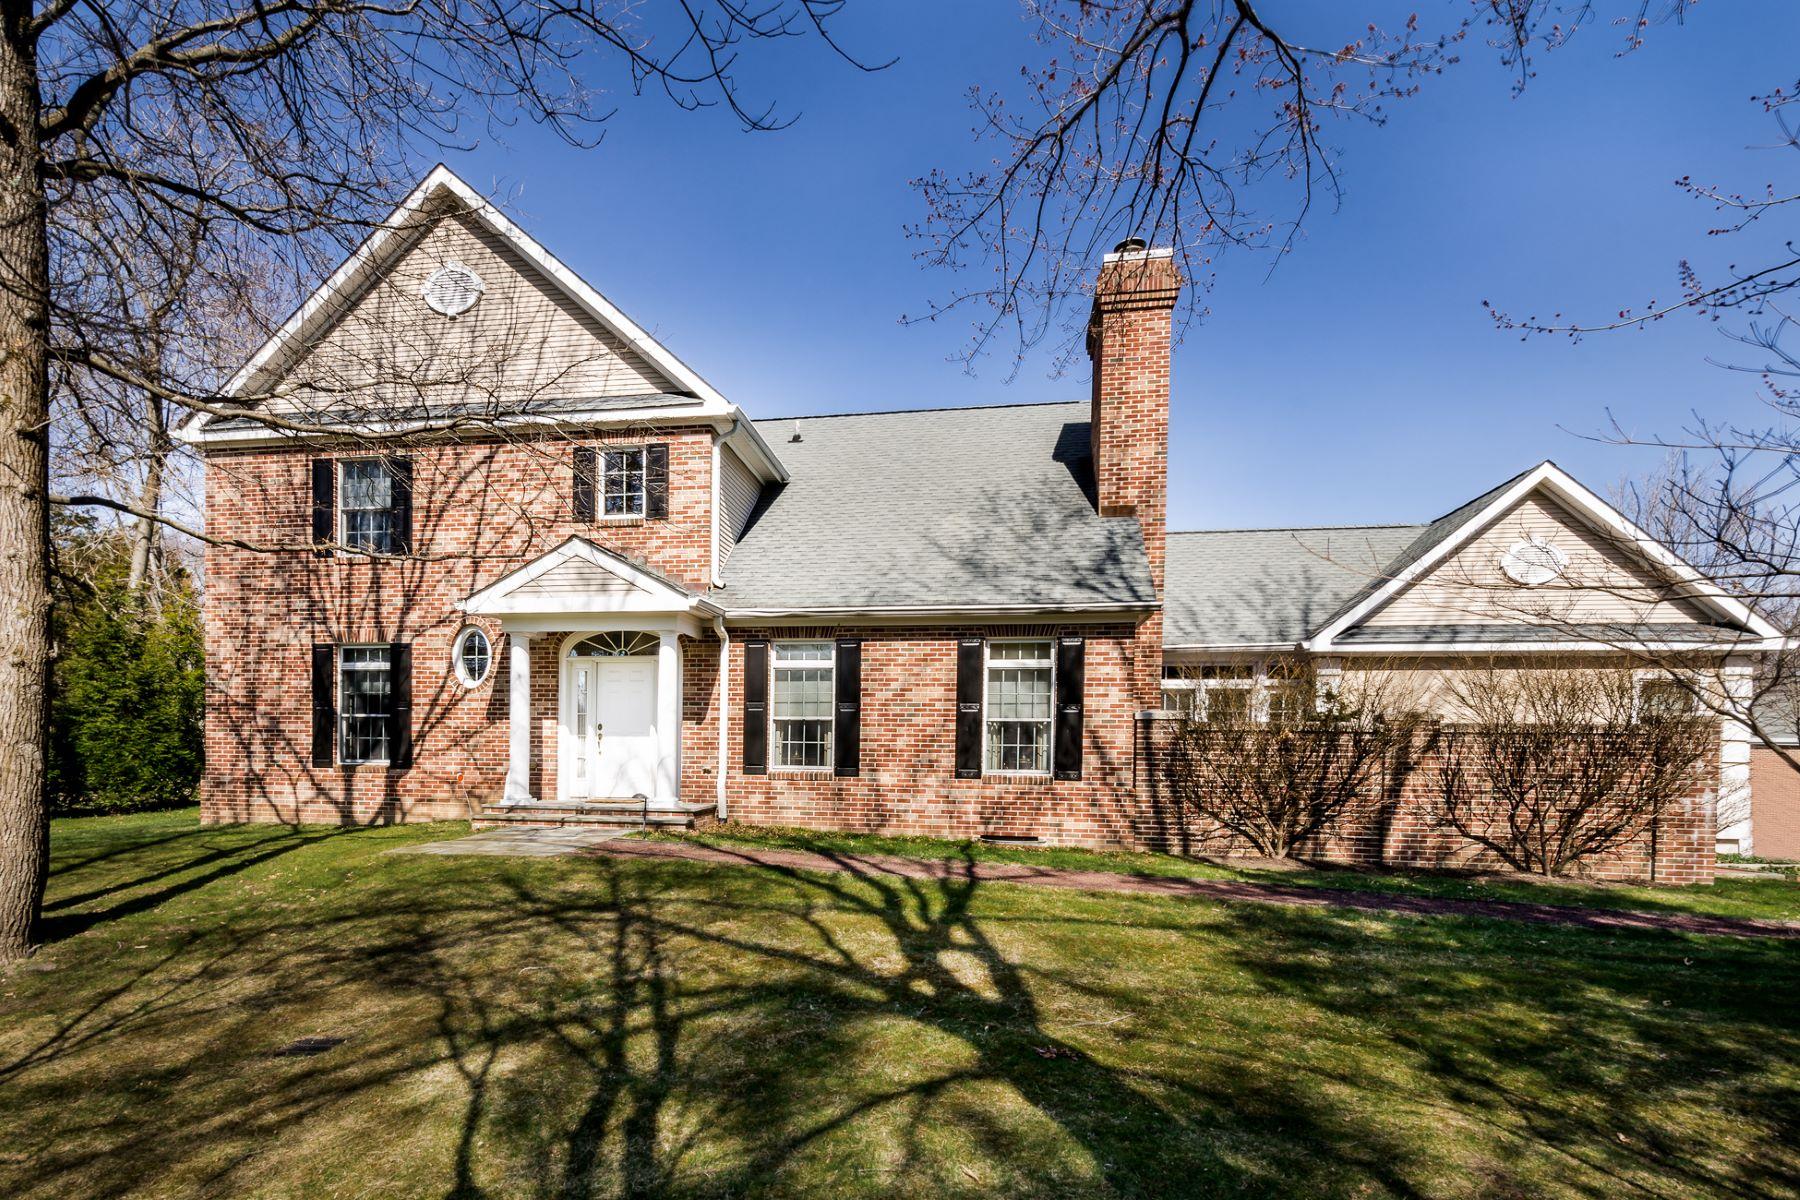 Maison unifamiliale pour l Vente à Calm Graciousness in Governors Lane 15 Governors Lane Princeton, New Jersey, 08540 États-Unis